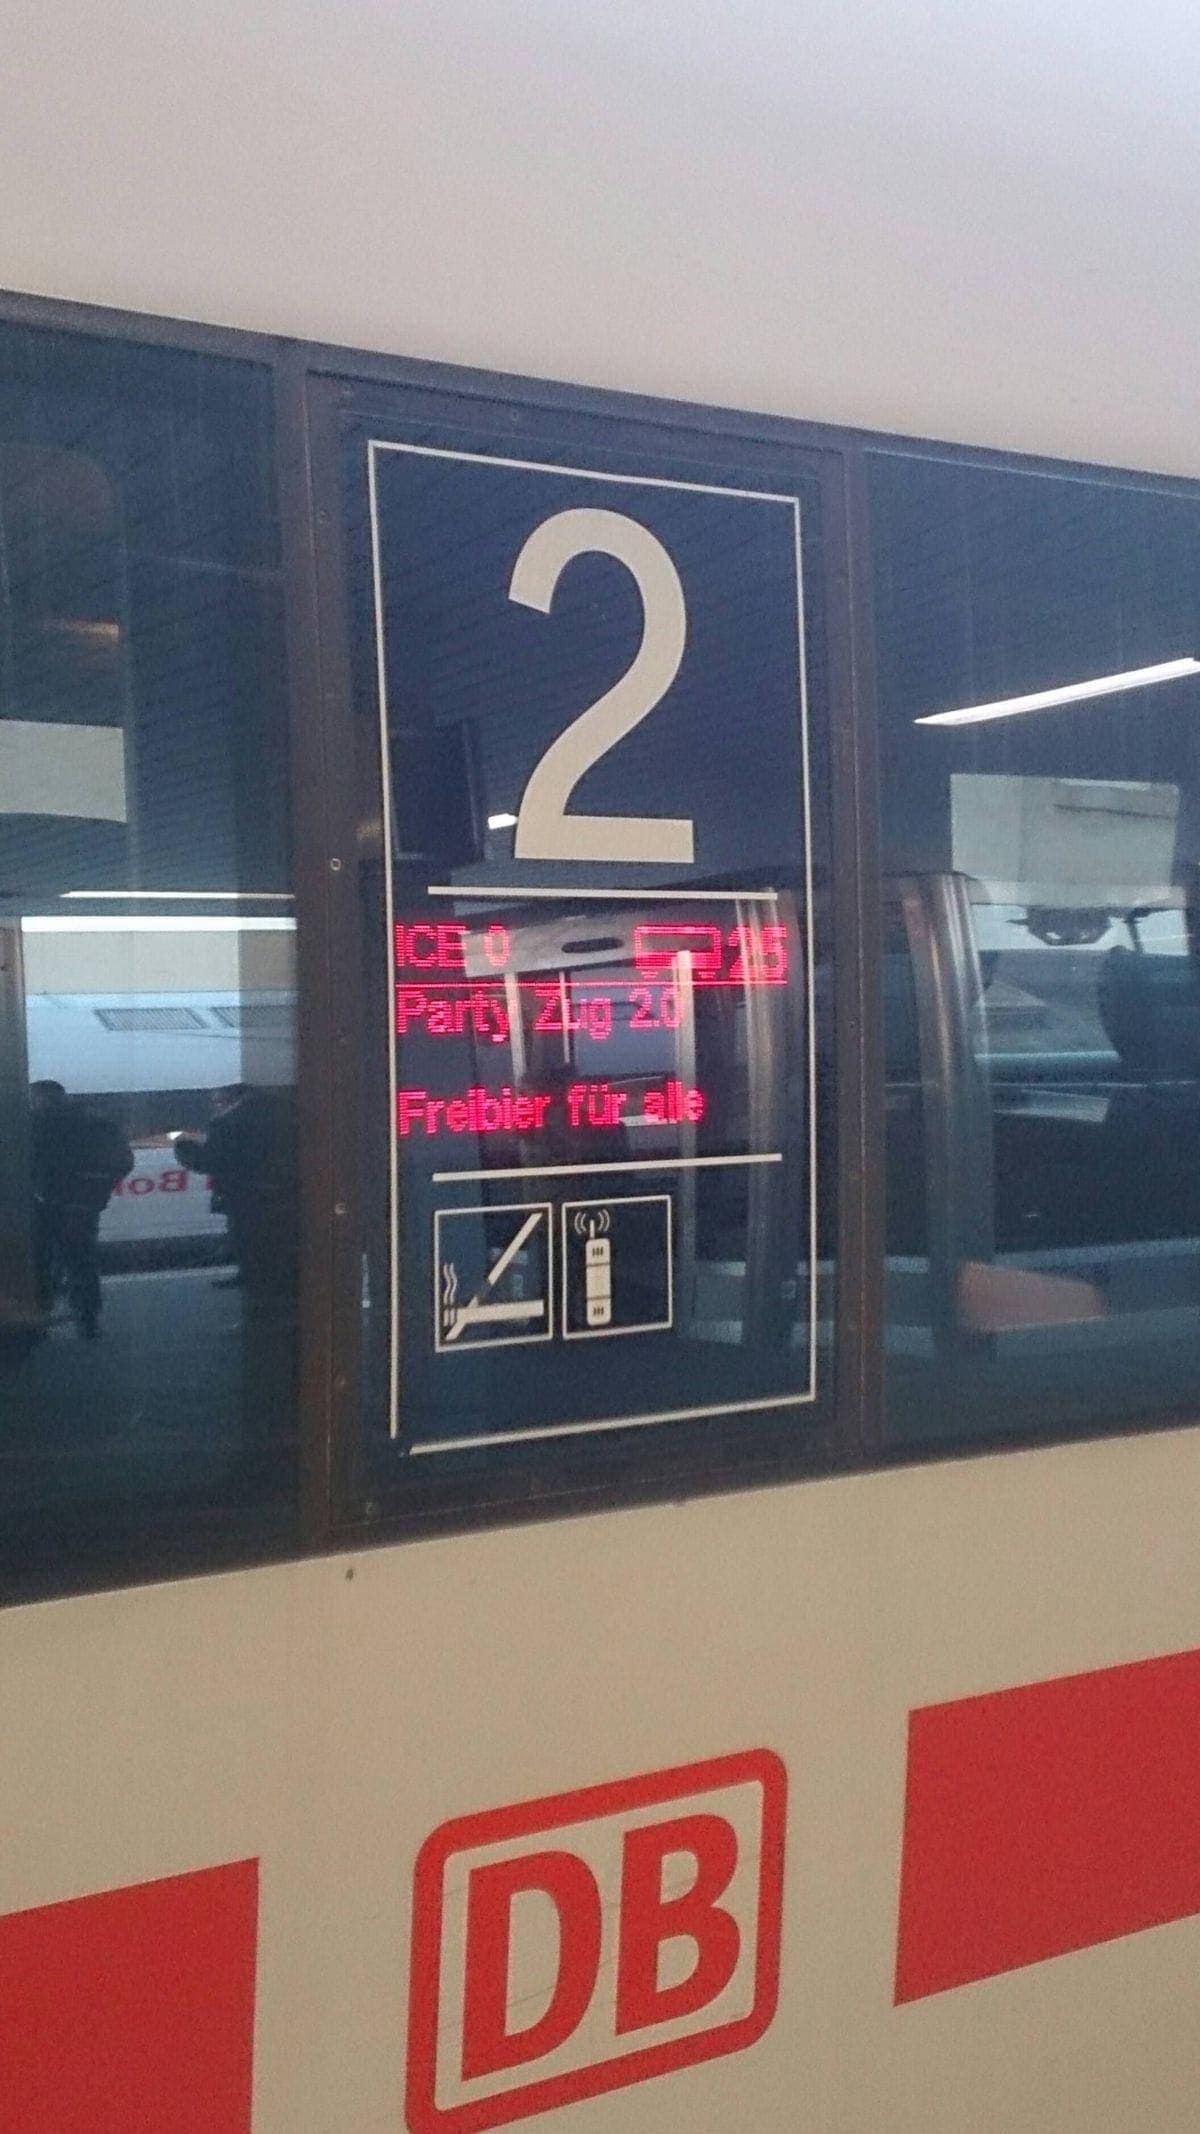 Neues Angebot bei der Deutschen Bahn: Freibier für alle! | Lustiges | Was is hier eigentlich los?